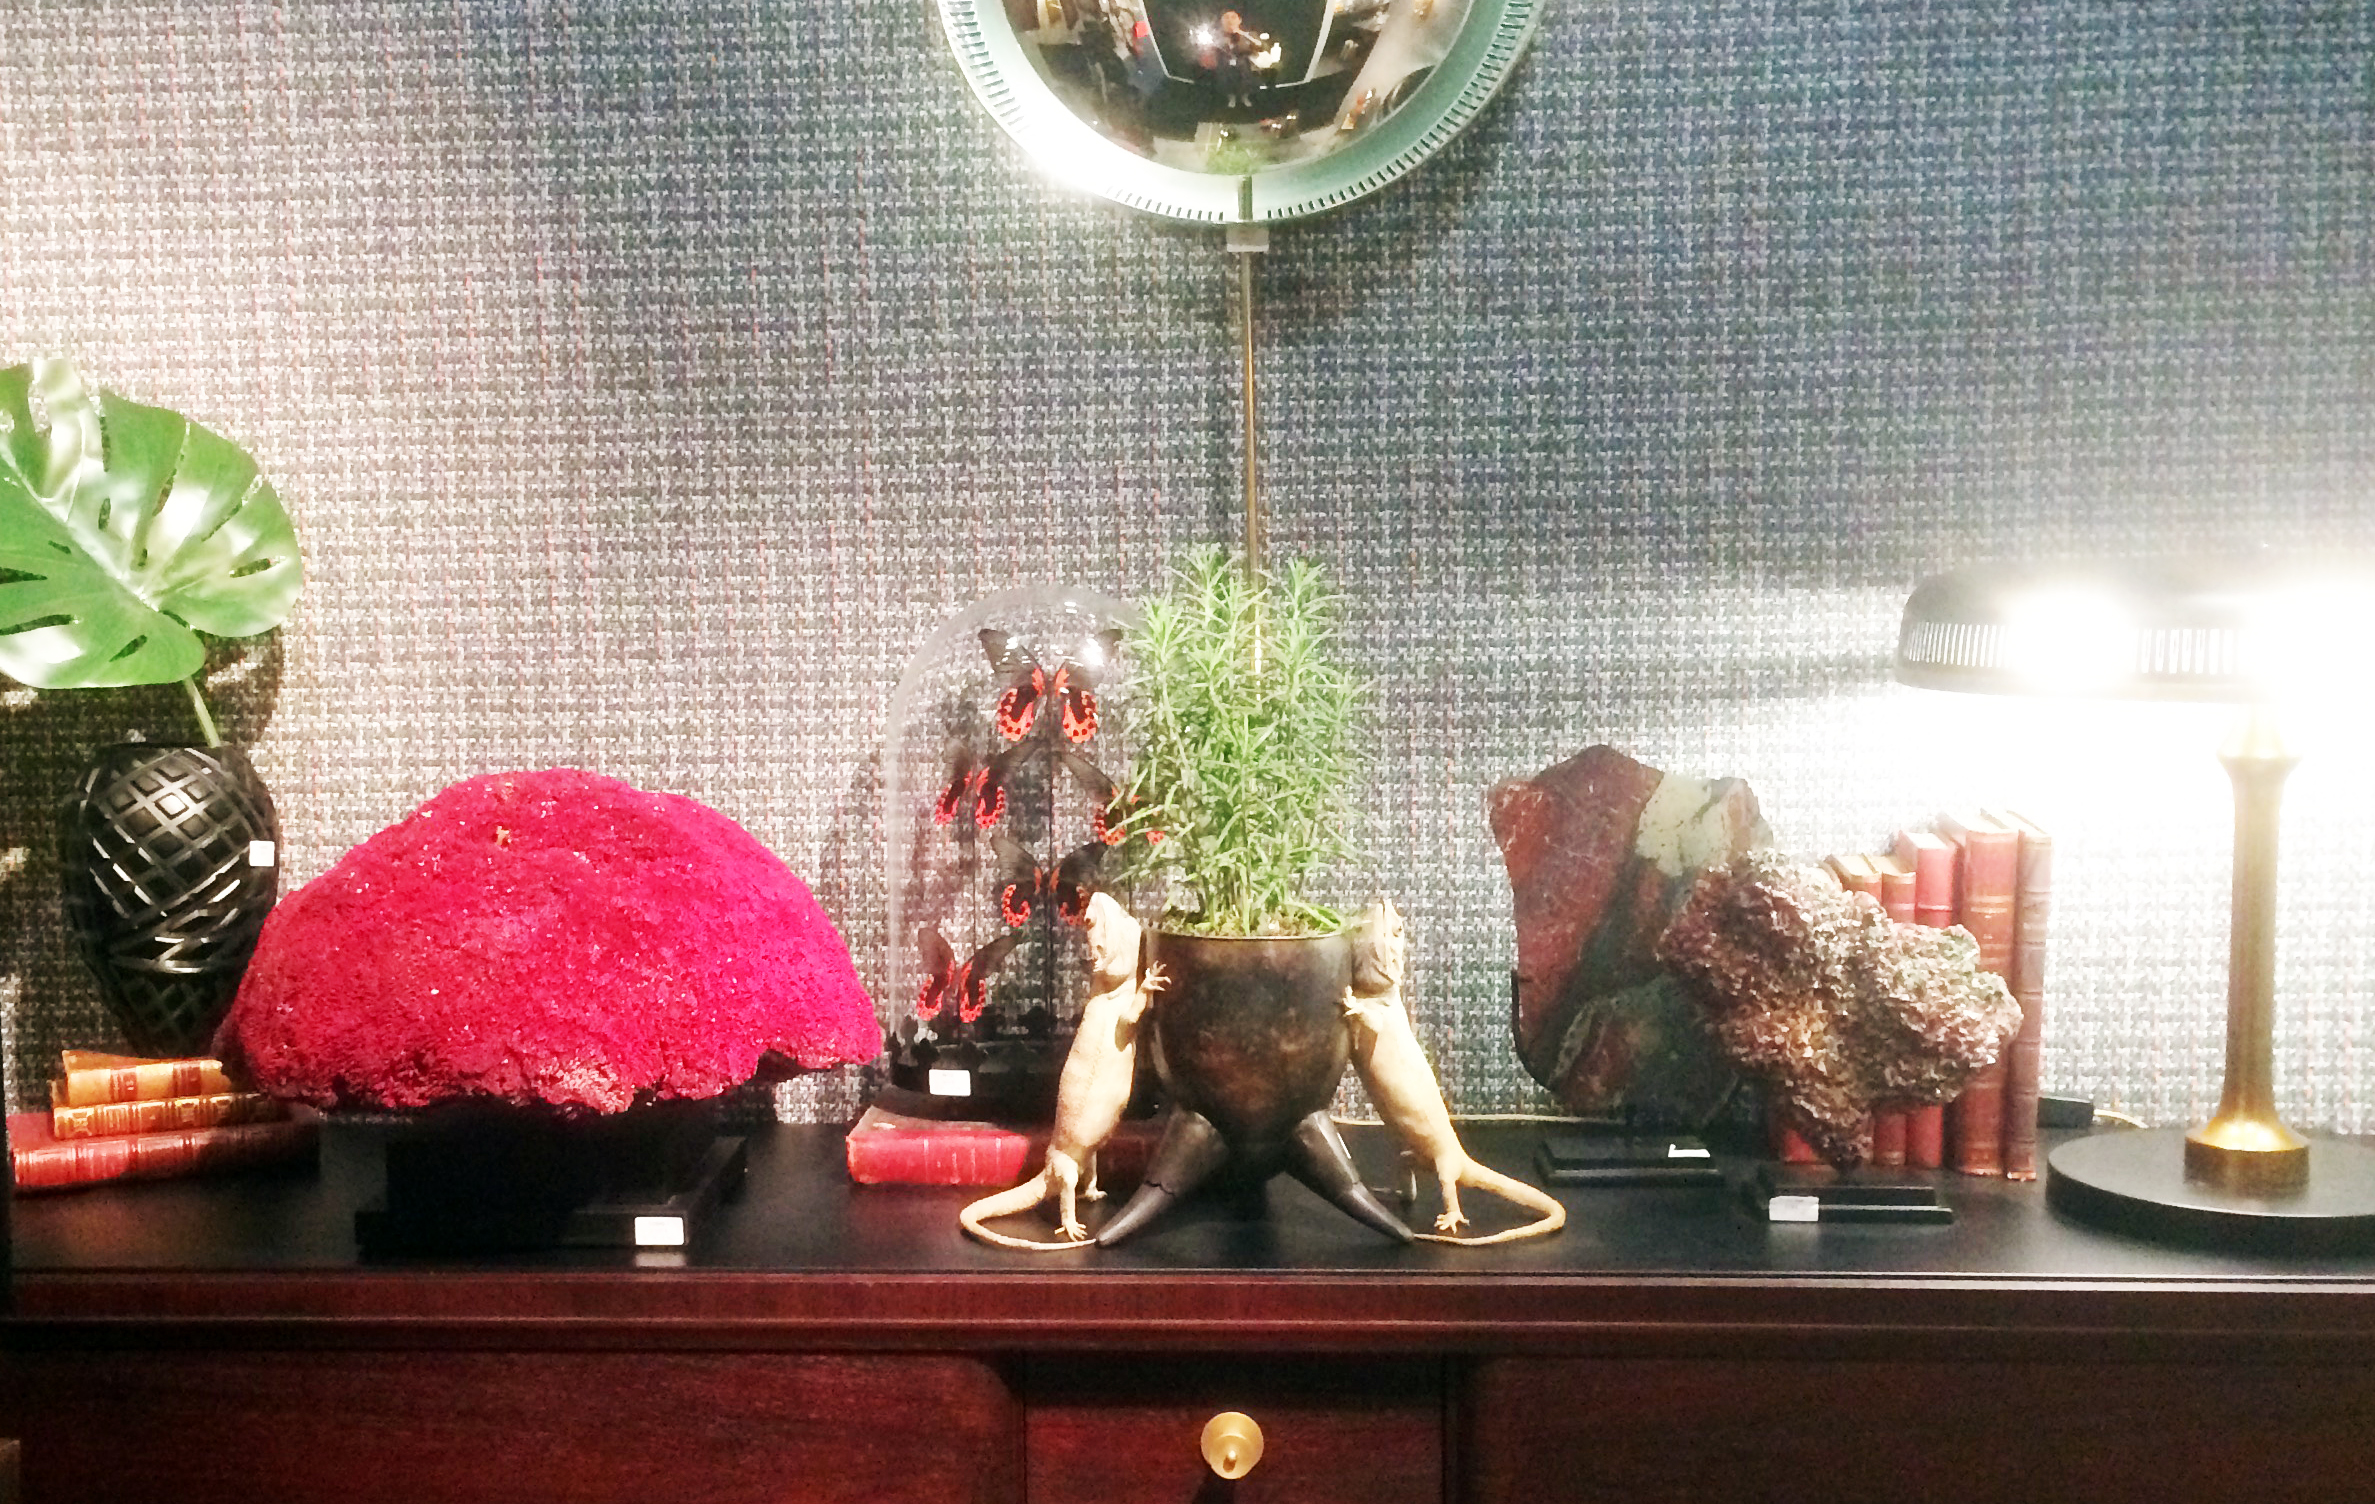 Grand motif floral, miroirs de sorcières et accumulation d'objets étranges - le cabinet de curiosités version 2019